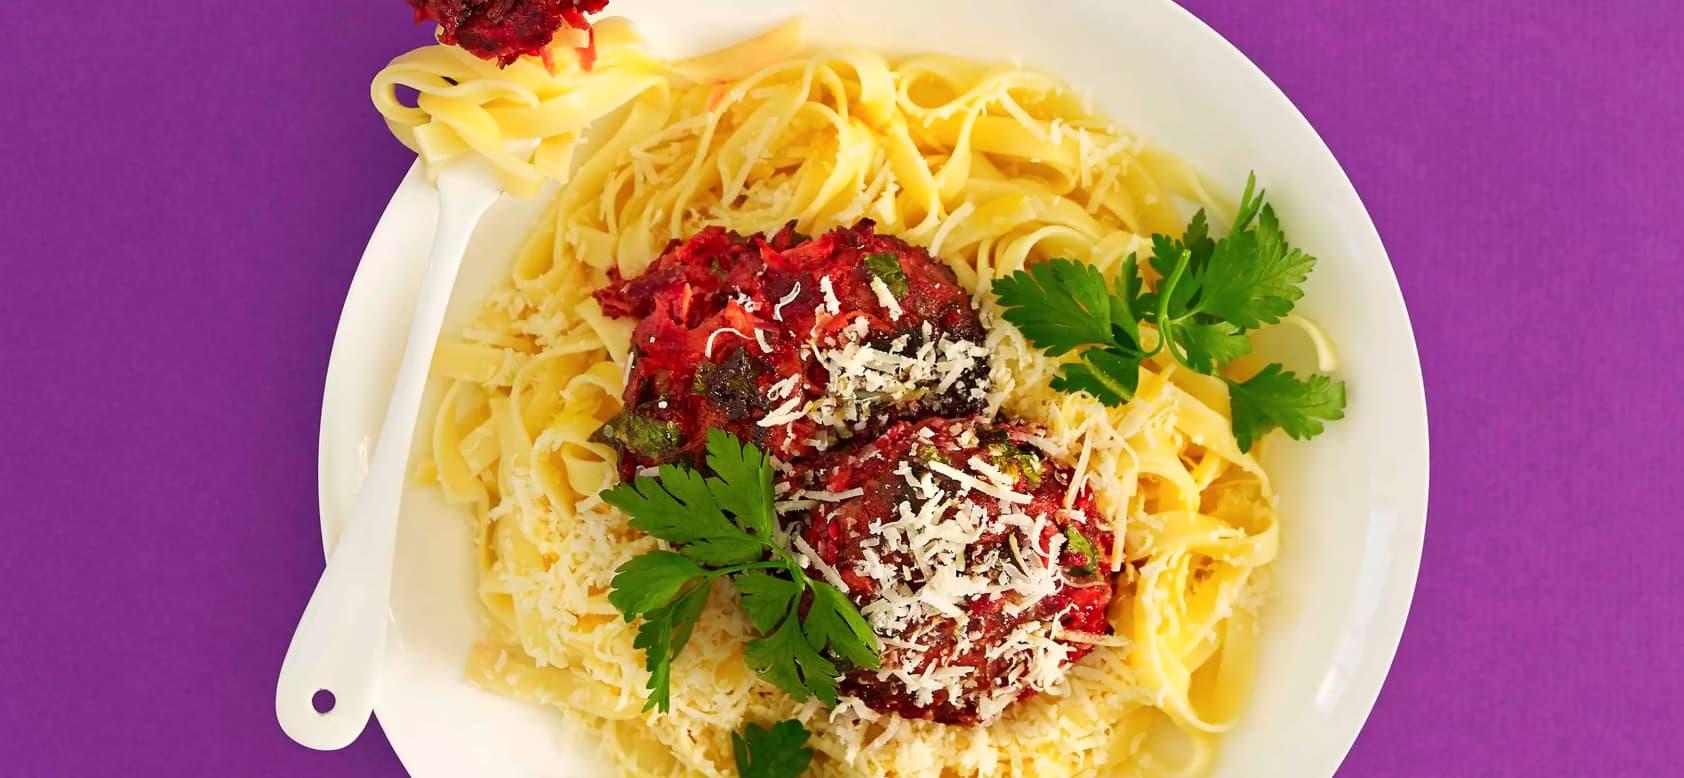 Grønnsaksburgere med tagliatelle. Et litt mer spennende alternativ til pasta med ketchup?